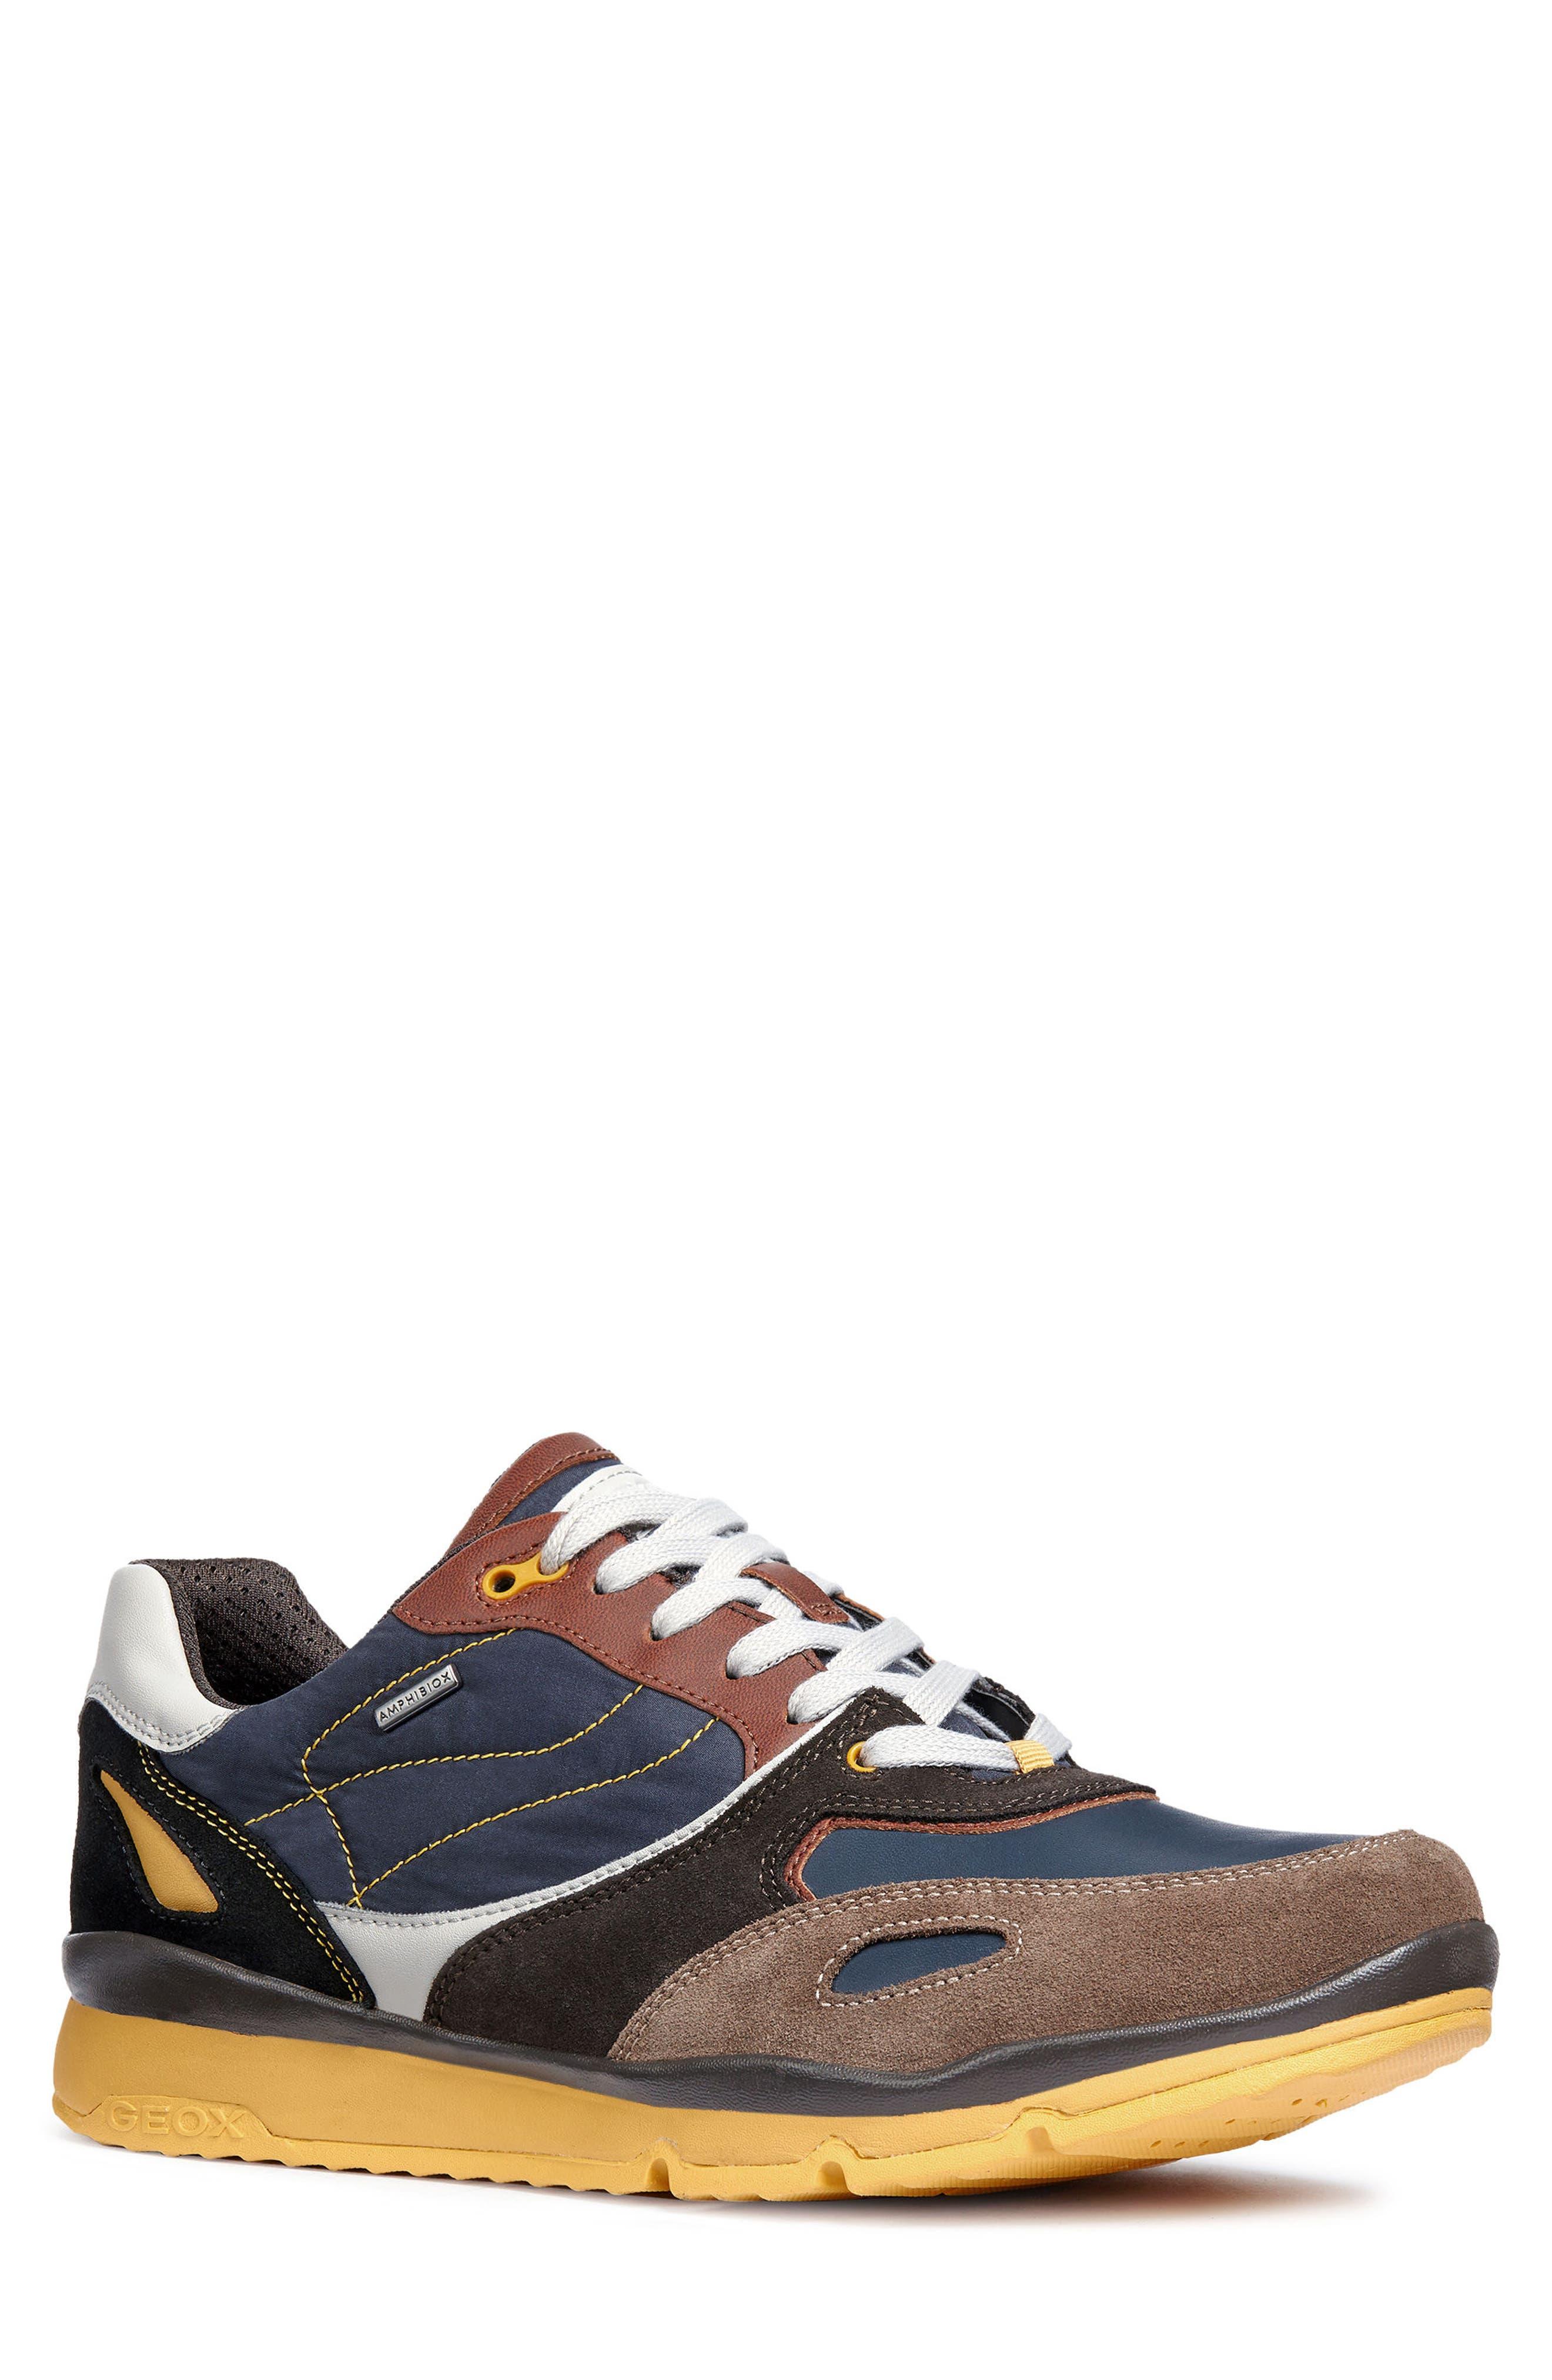 Geox Sandford Abx 1 Waterproof Low Top Sneaker, Brown